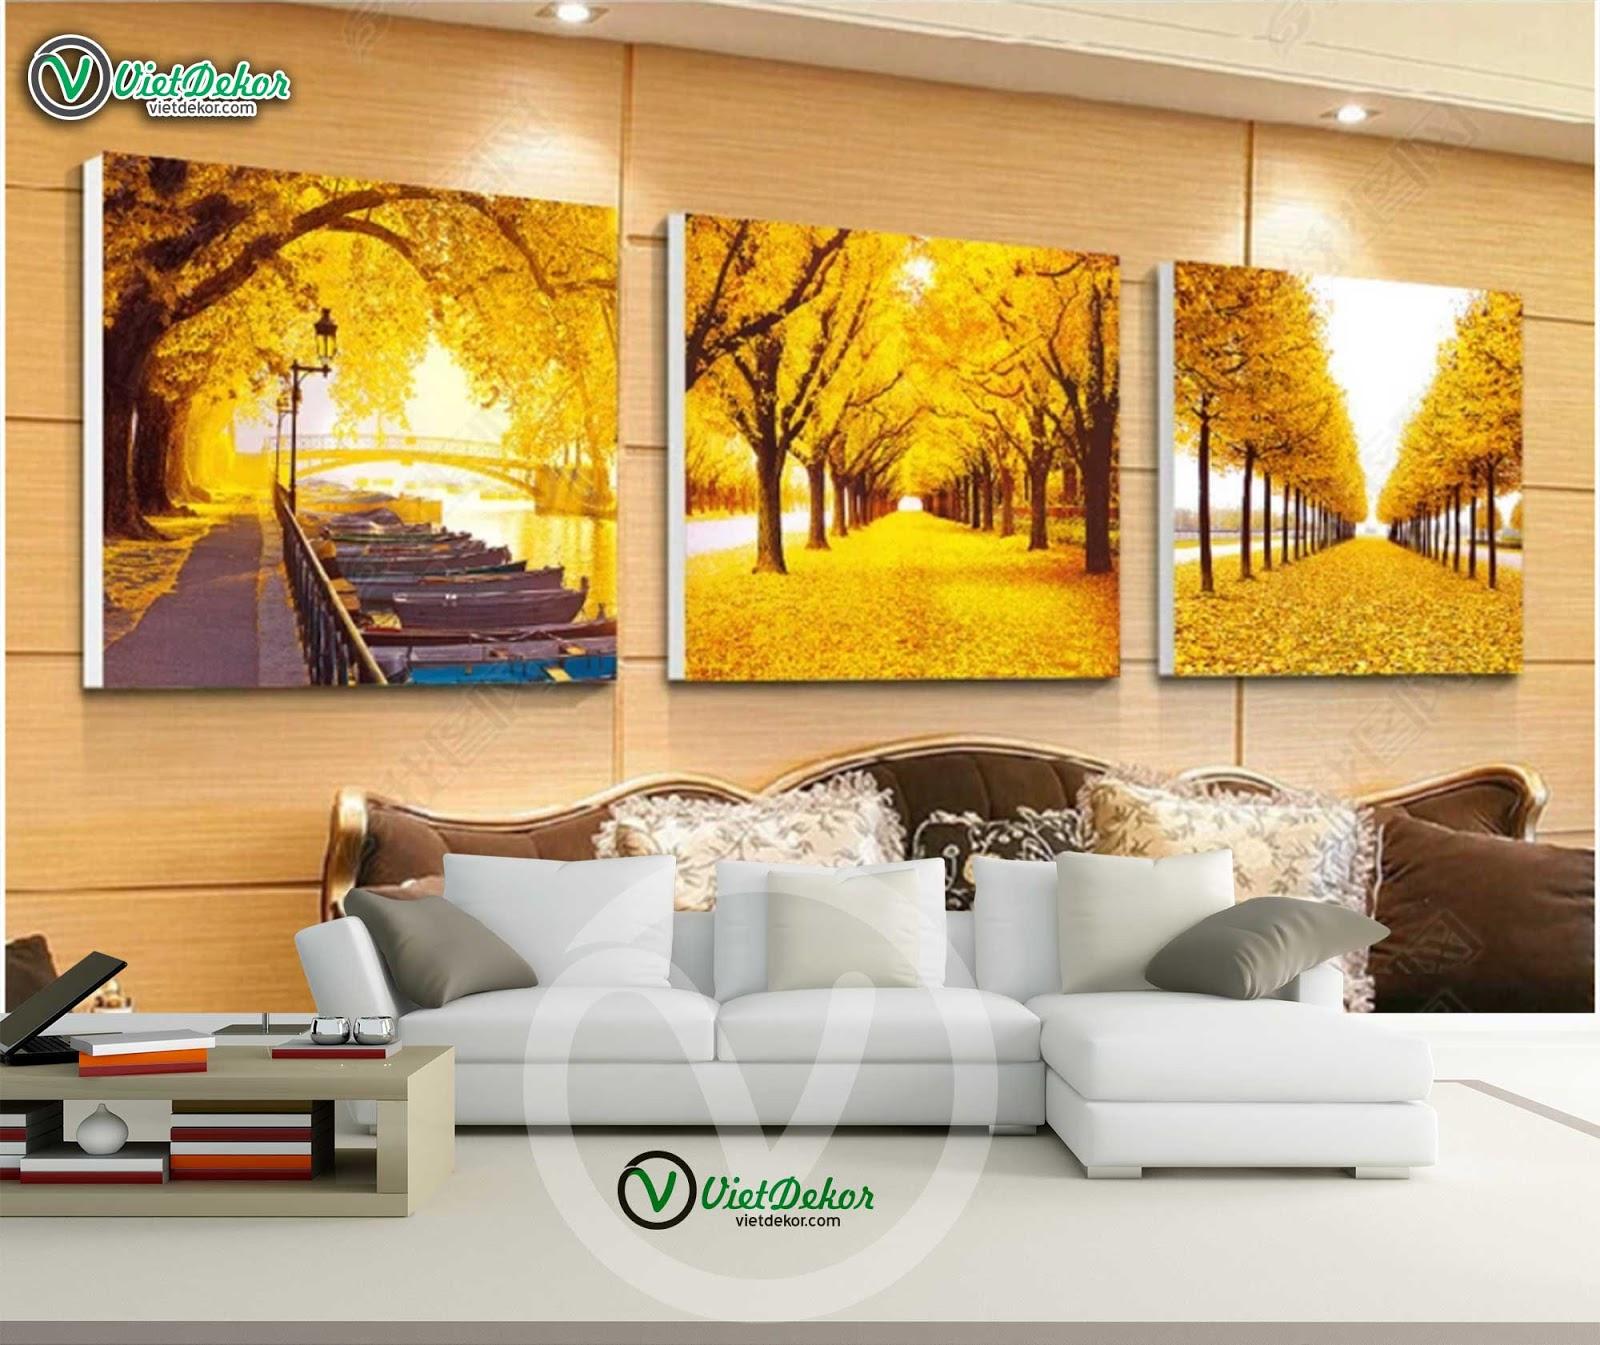 Tranh bộ 3 phong cảnh rừng cho phòng khách đẹp